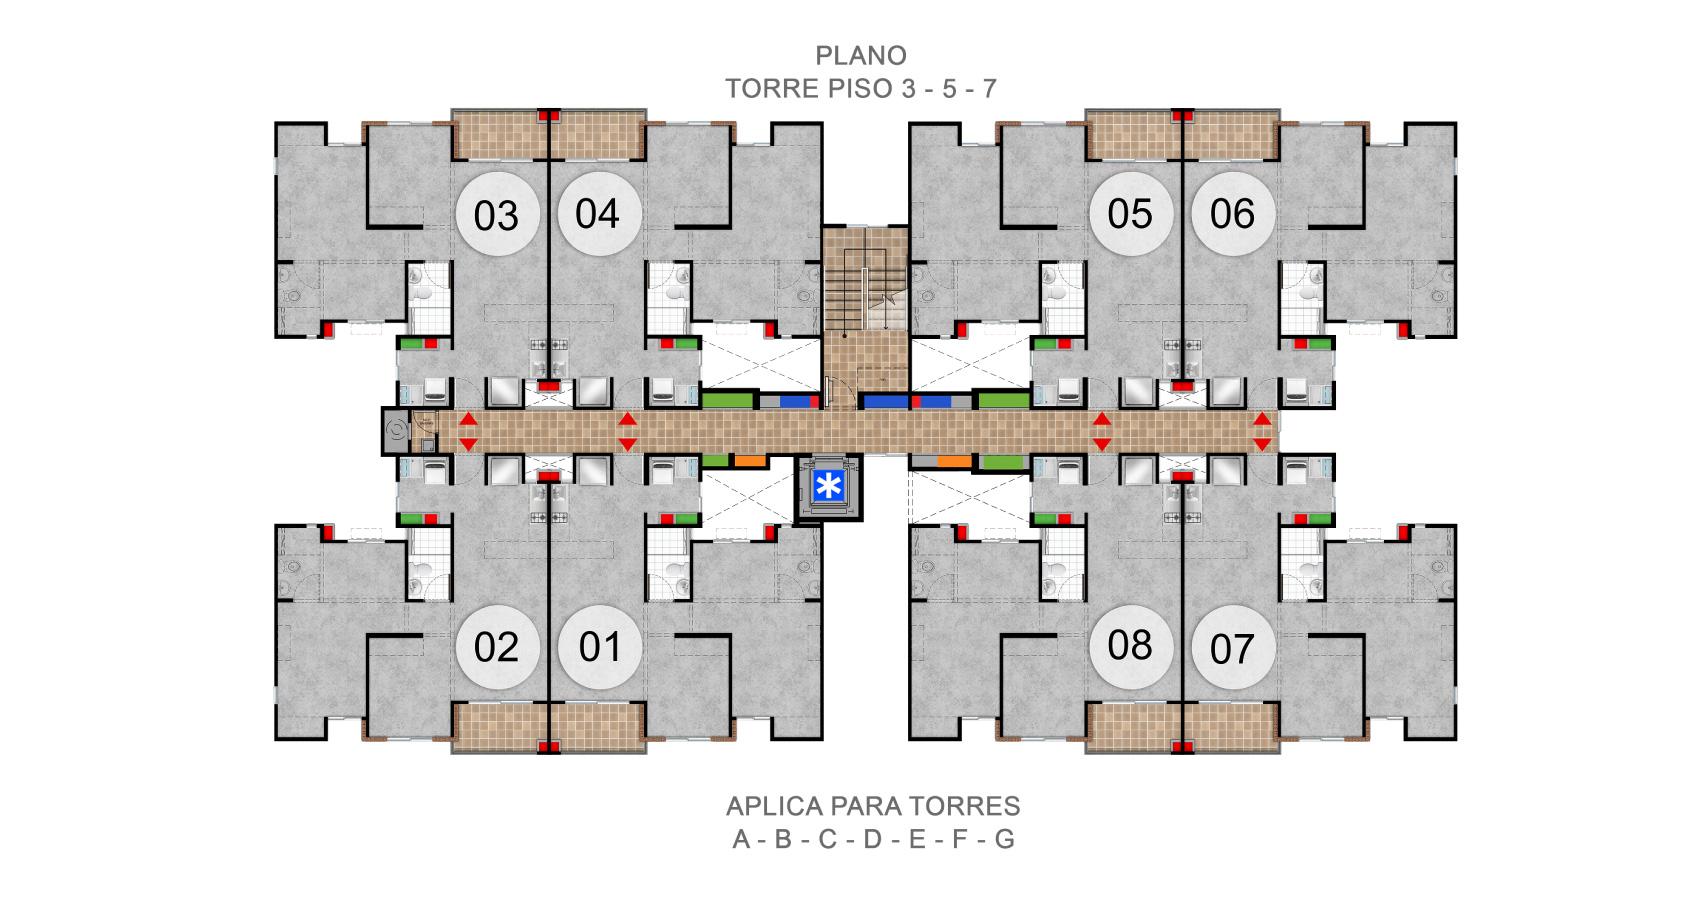 rosales proyecto de vivienda en valle del lili, constructora bolivar